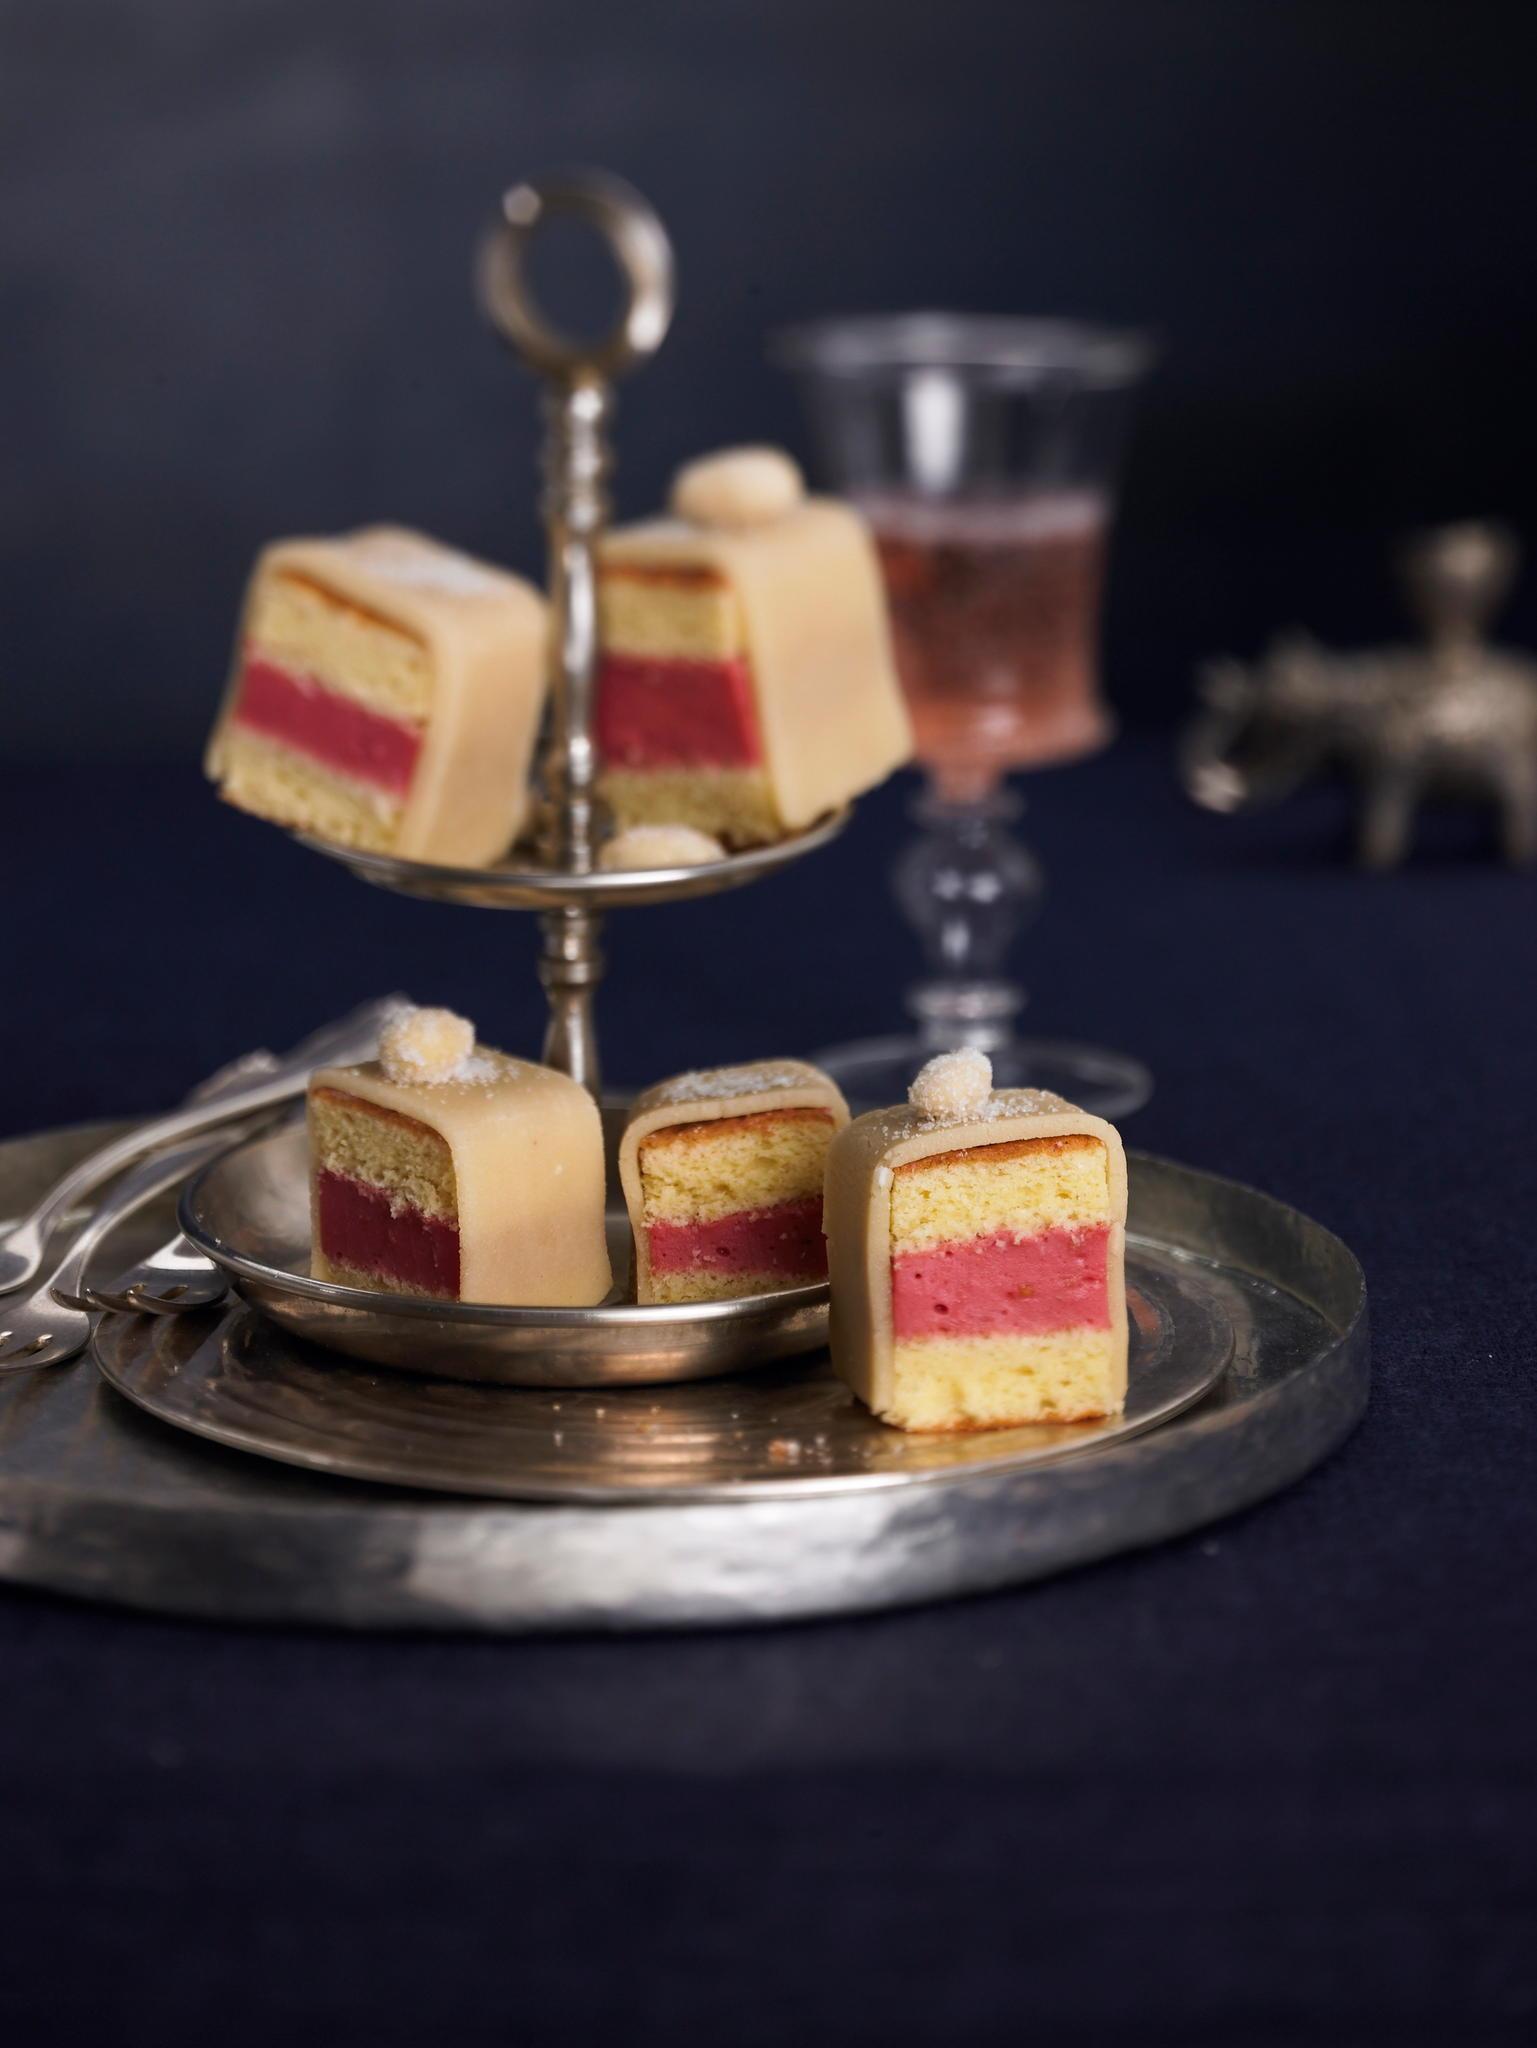 Kuchenbuffet: Süße Kleinigkeiten